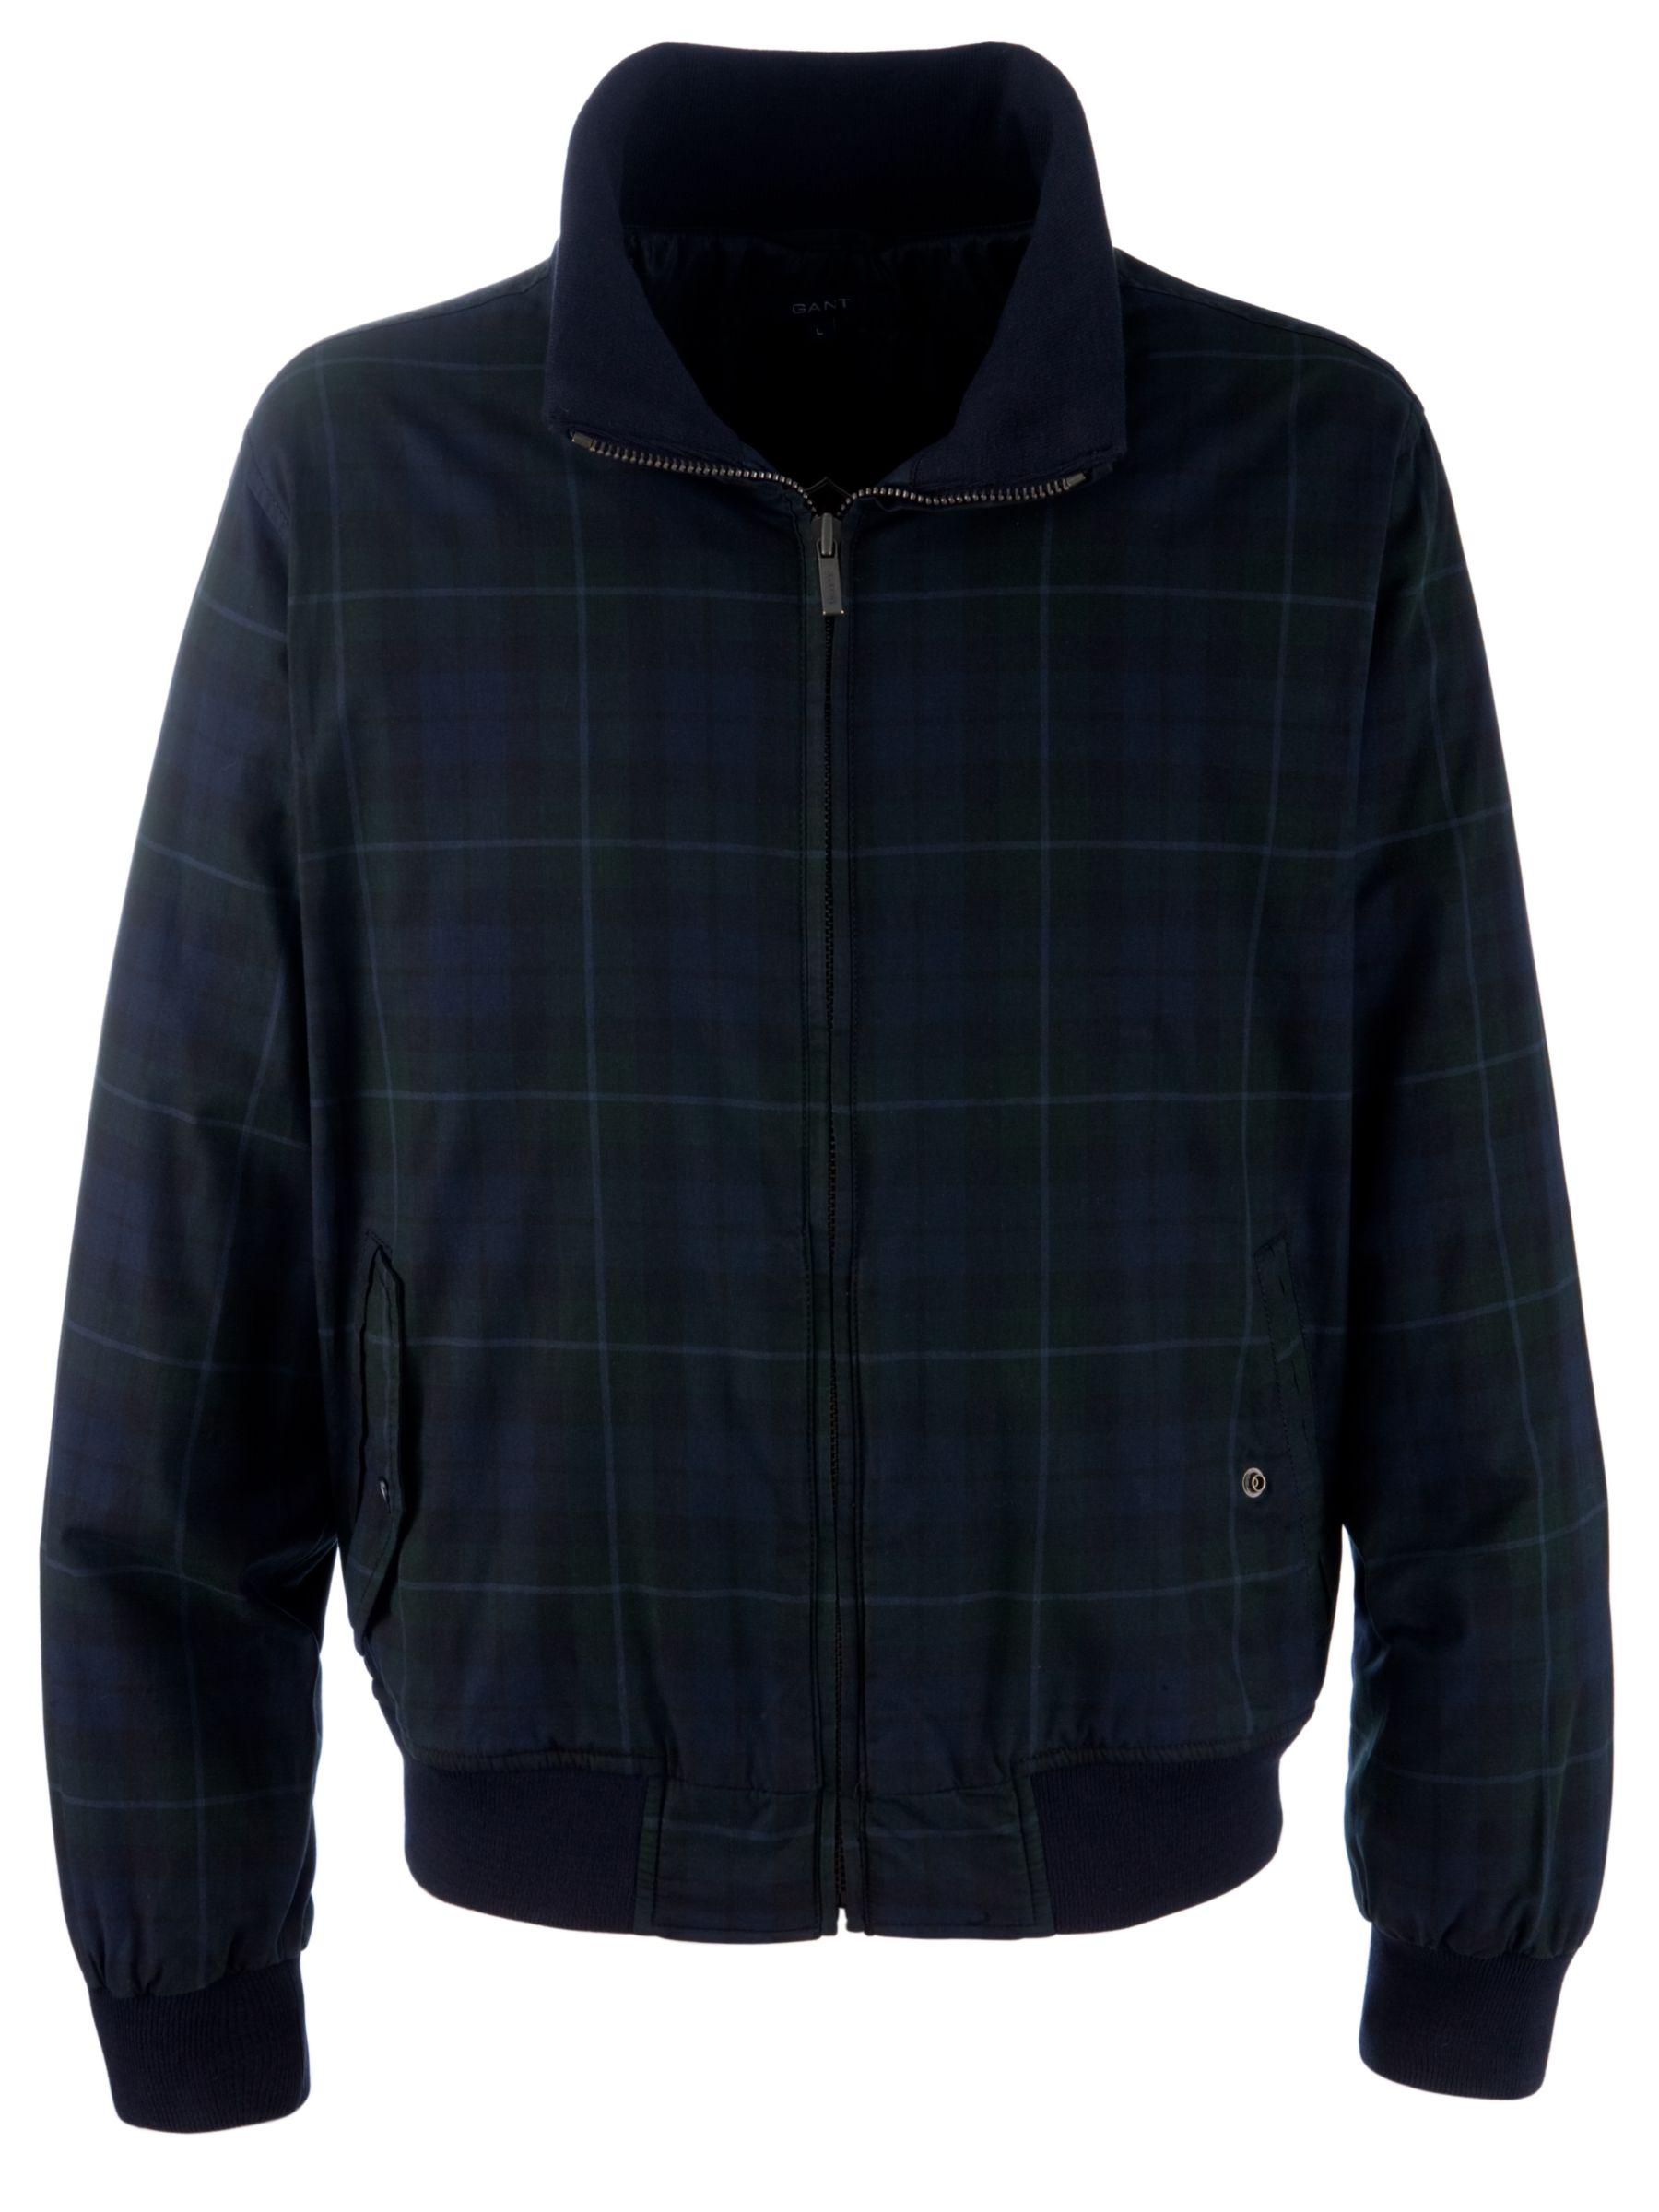 Gant Blackwatch Lumber Jacket, Blue at John Lewis